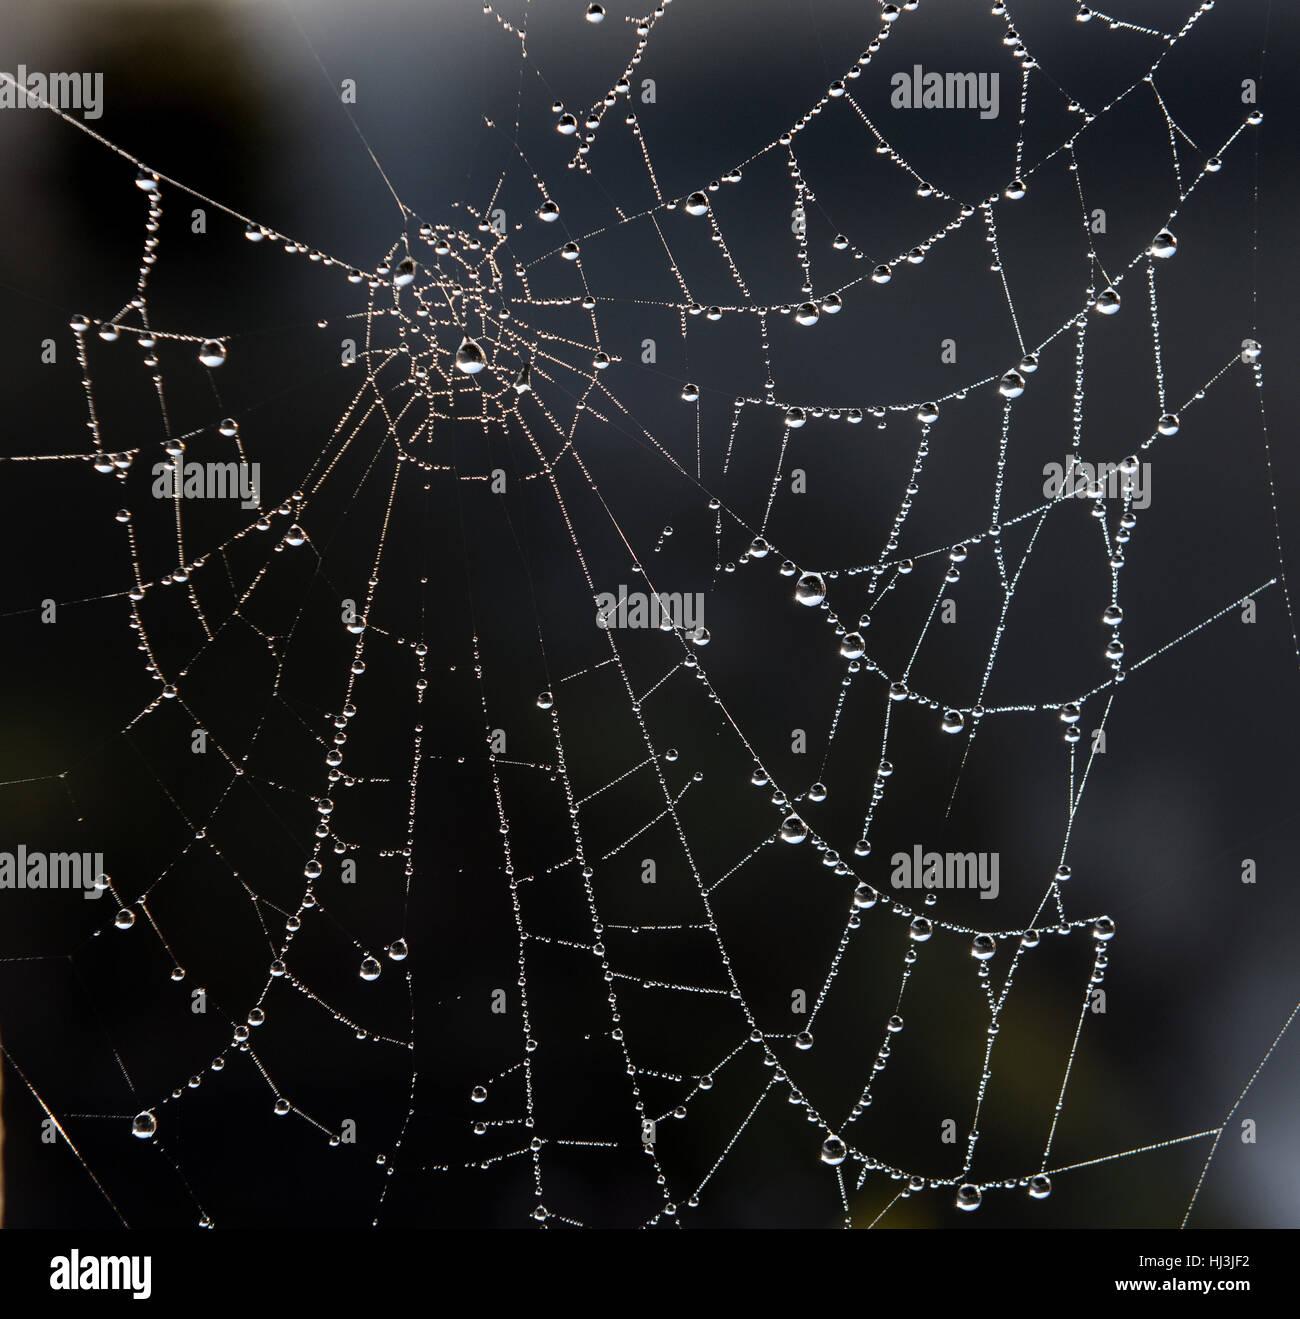 Les gouttelettes d'eau sur les araignées site web Photo Stock